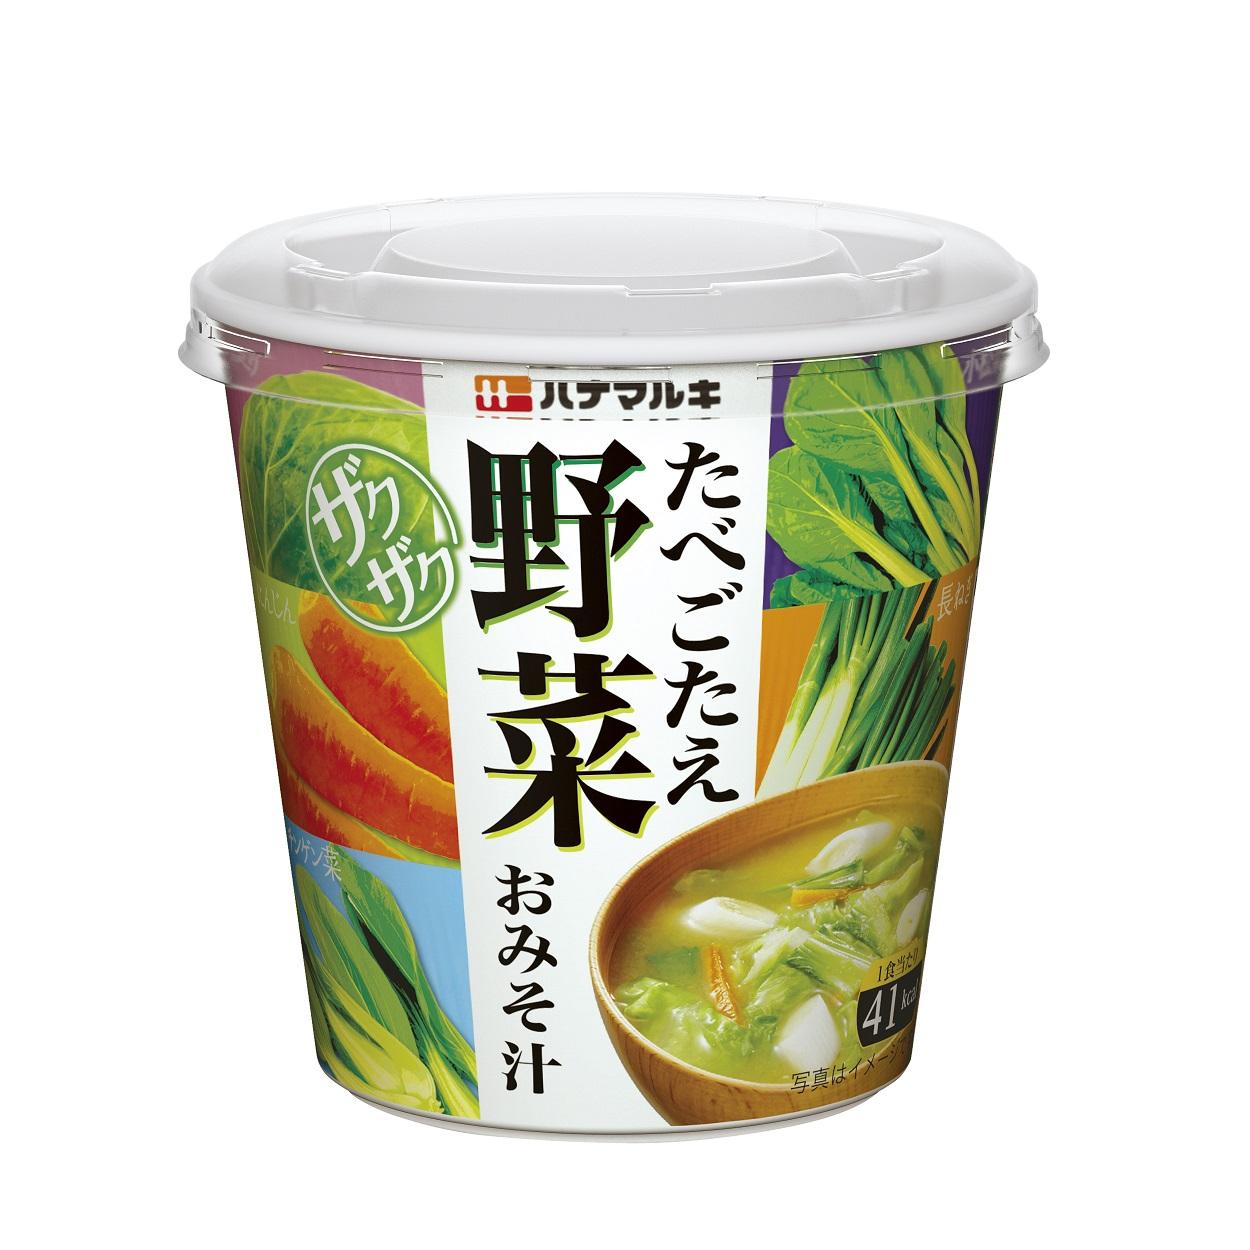 新カップたべごたえ野菜おみそ汁